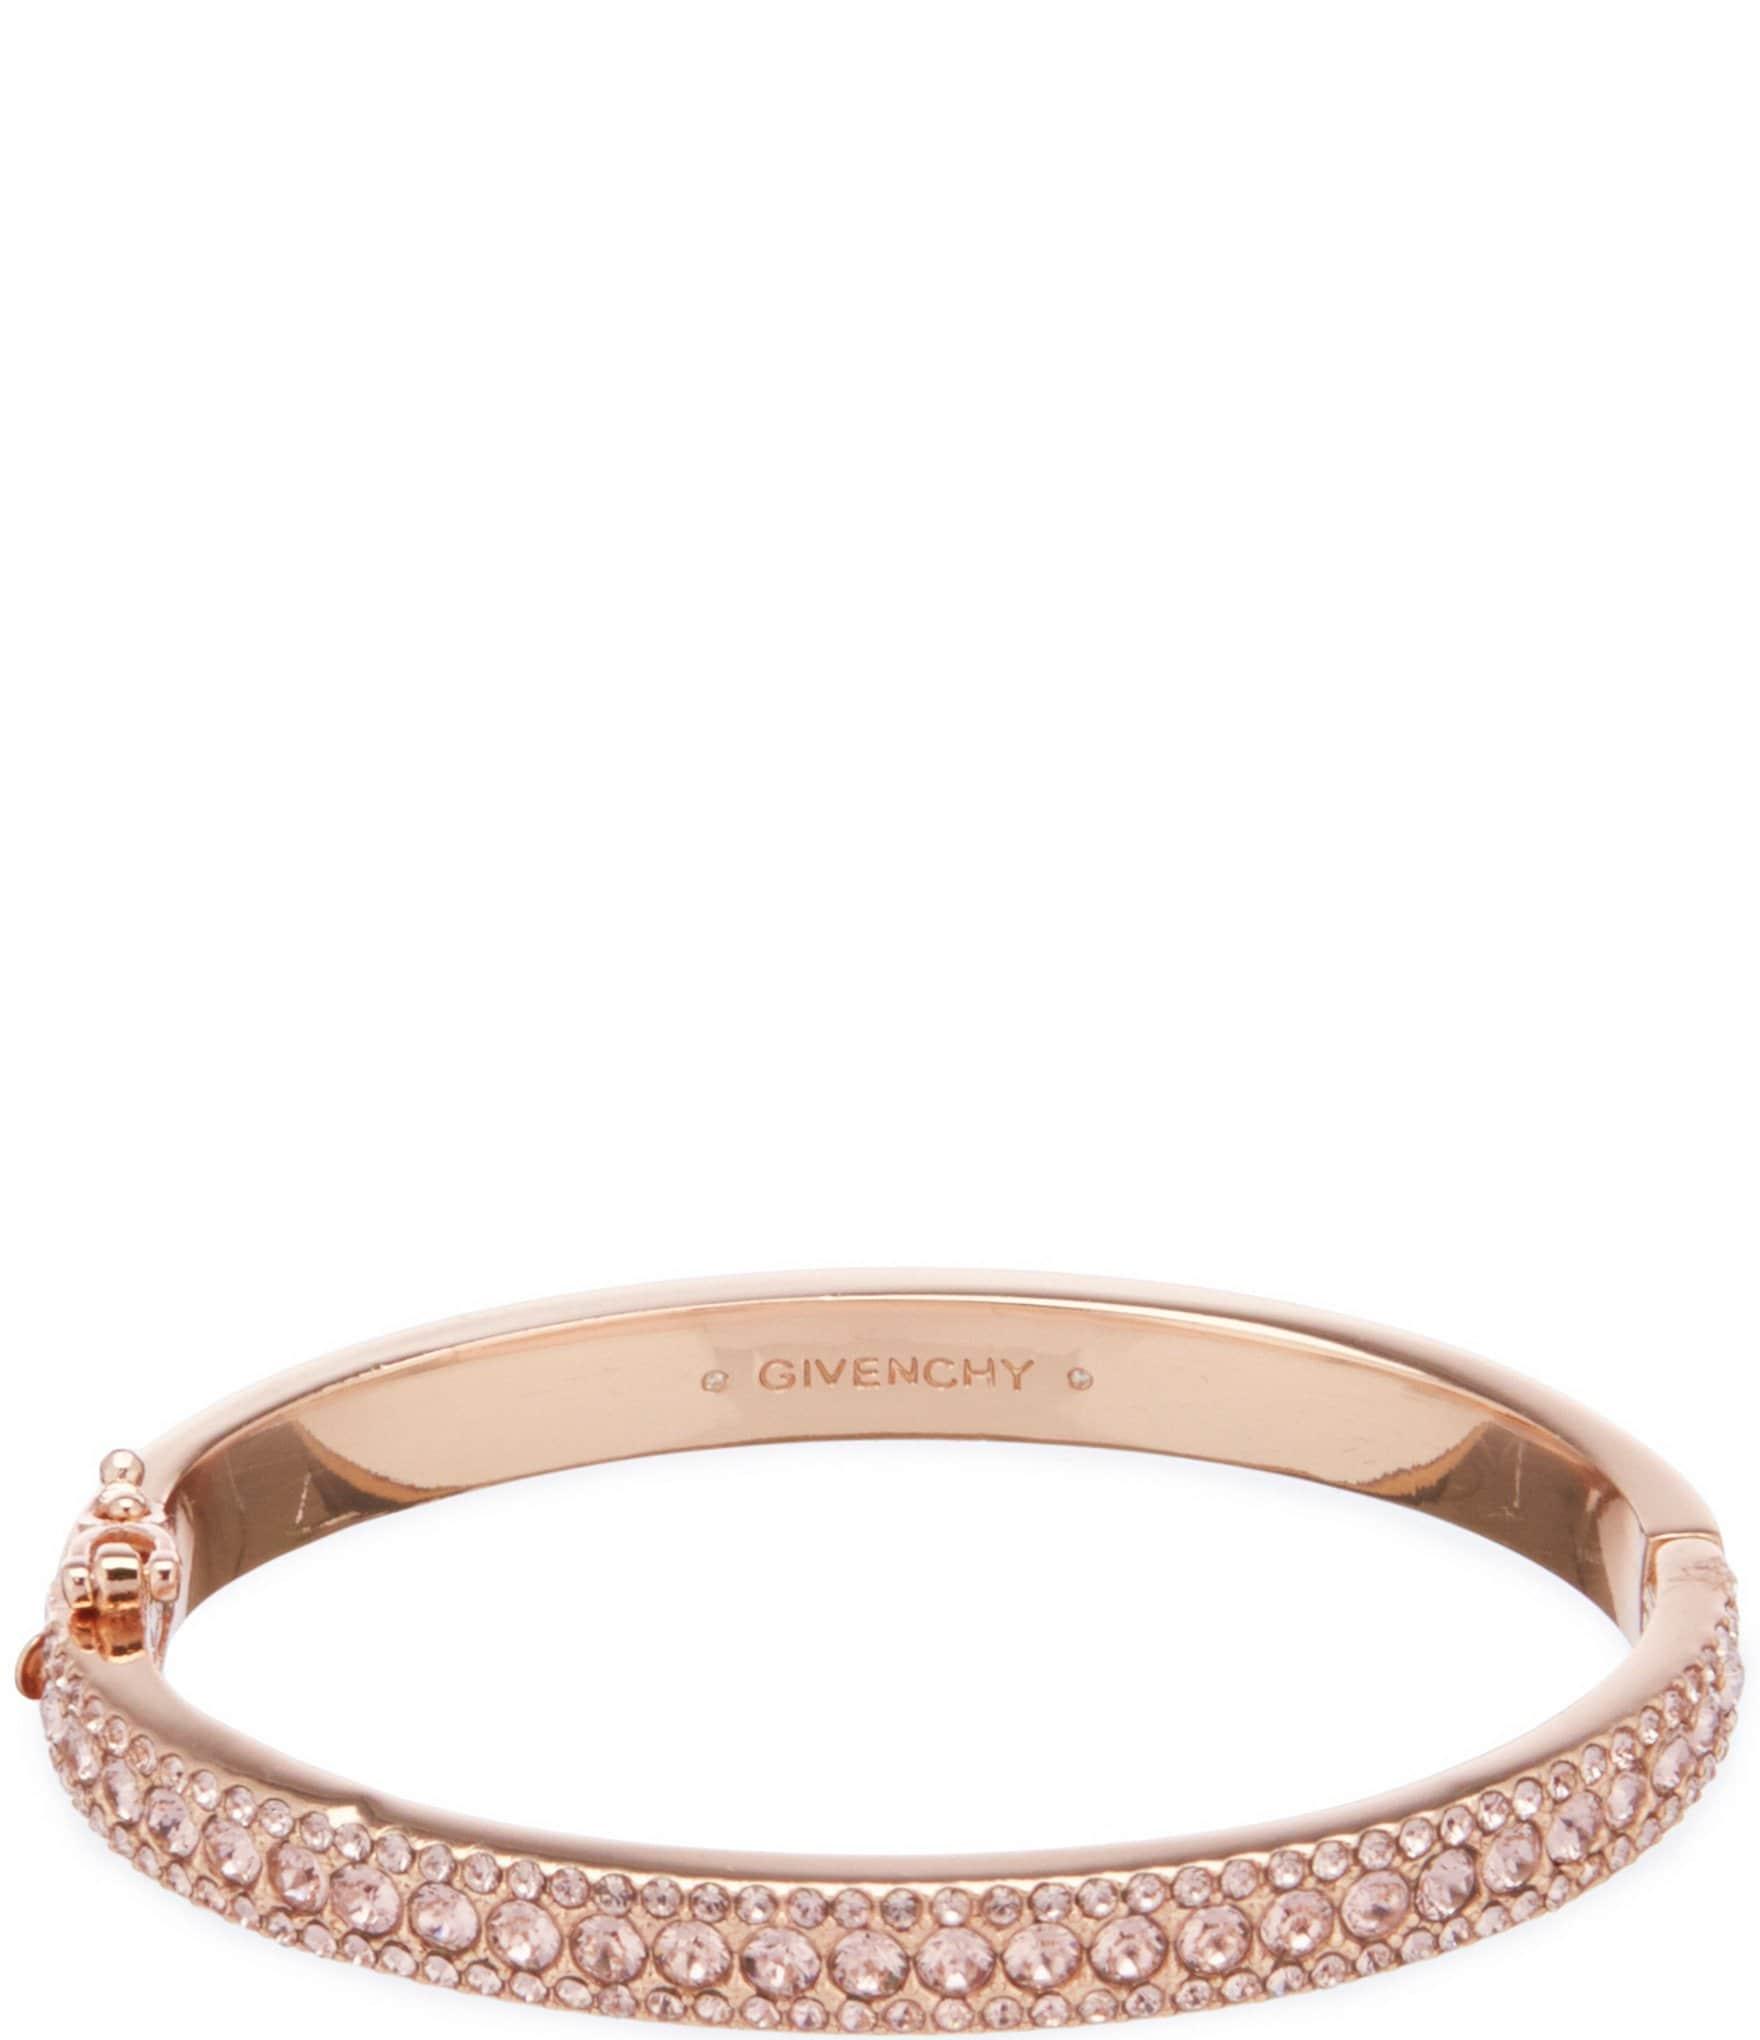 Givenchy Crystal Pave Bangle Bracelet